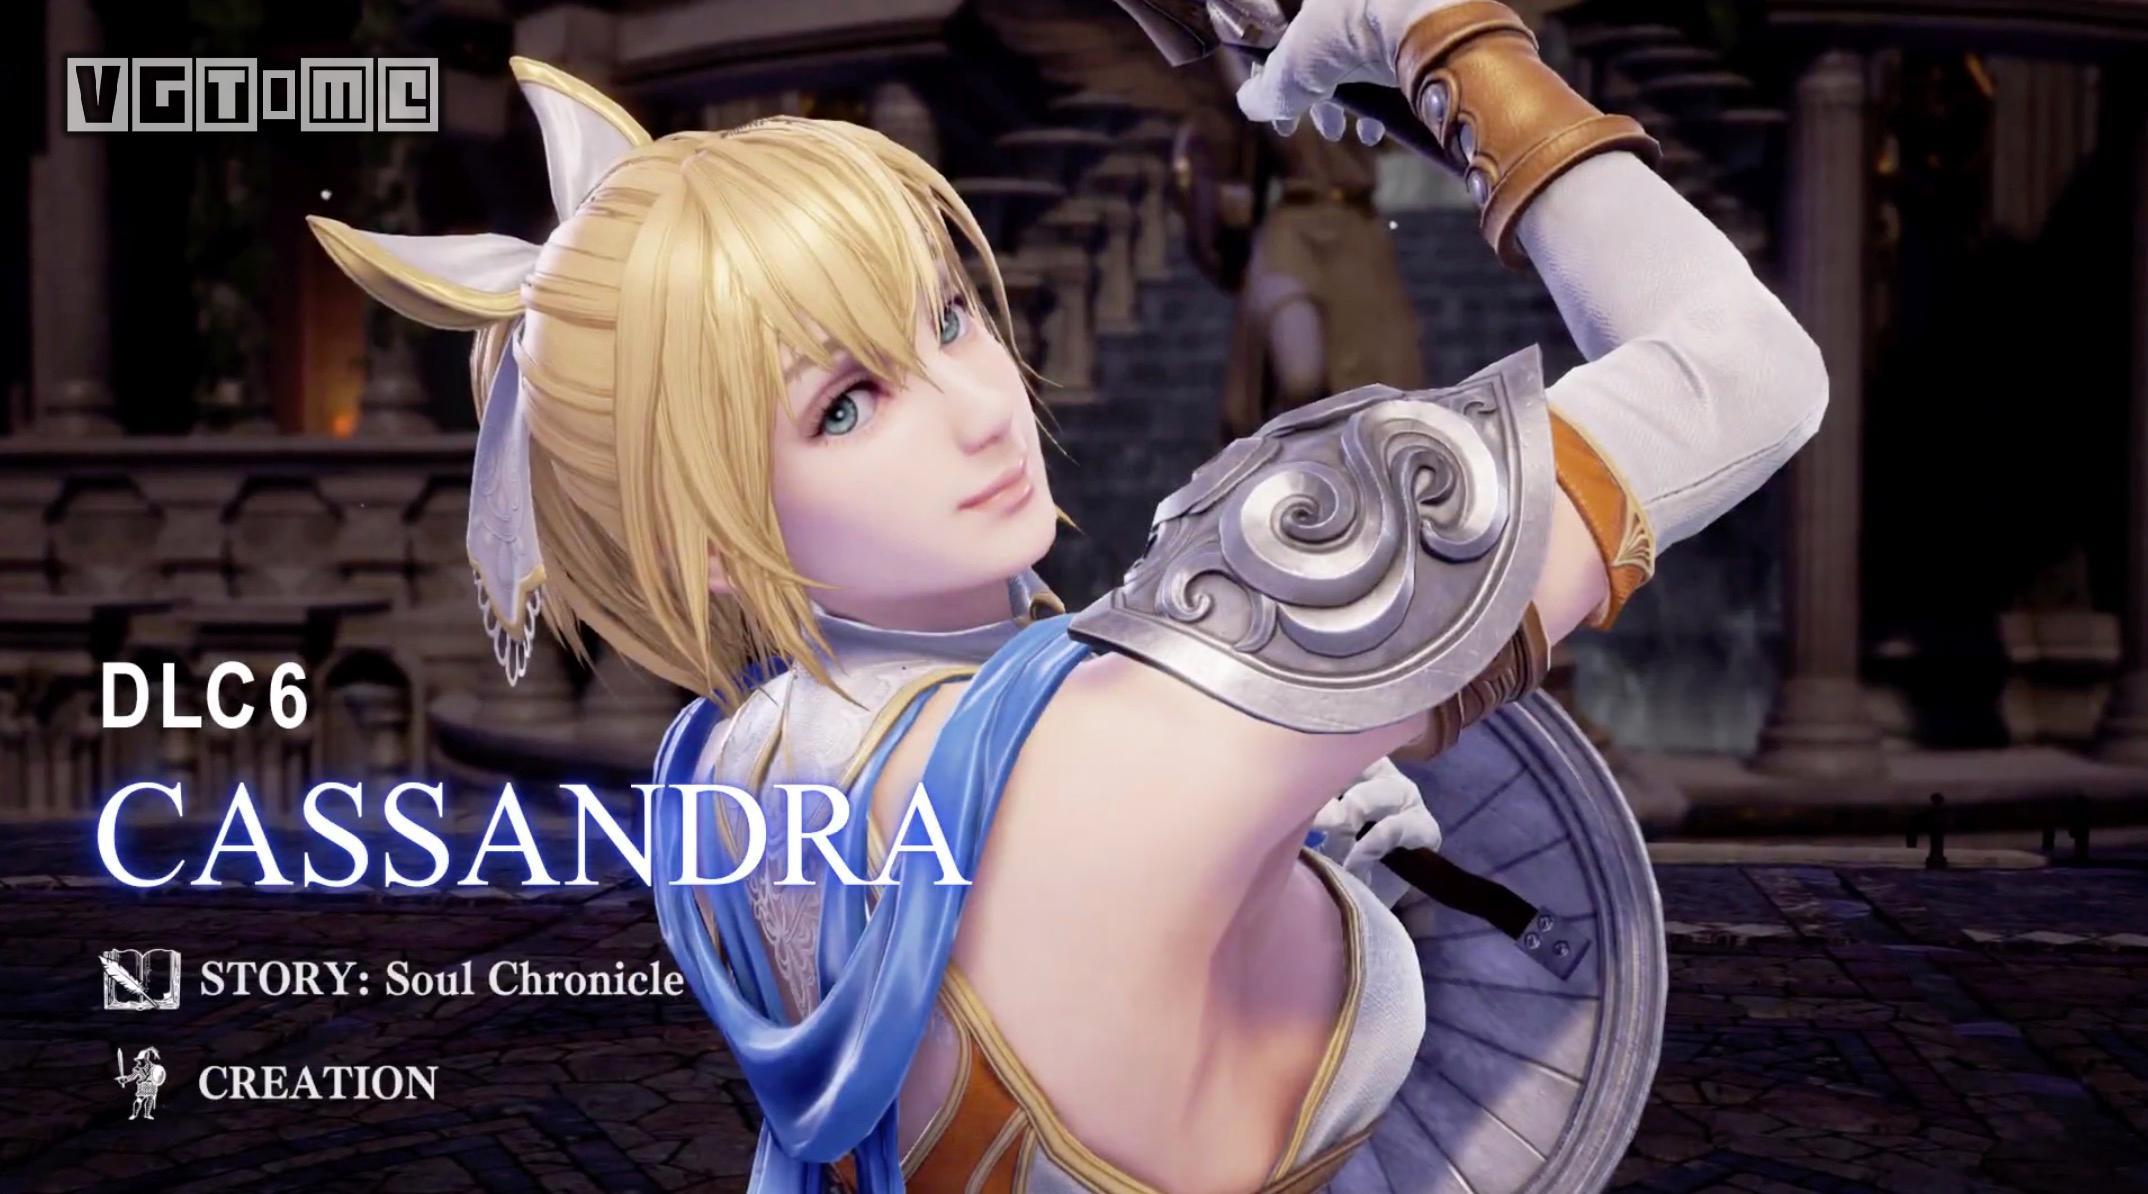 《灵魂能力6》DLC角色卡桑德拉和霸王丸公布